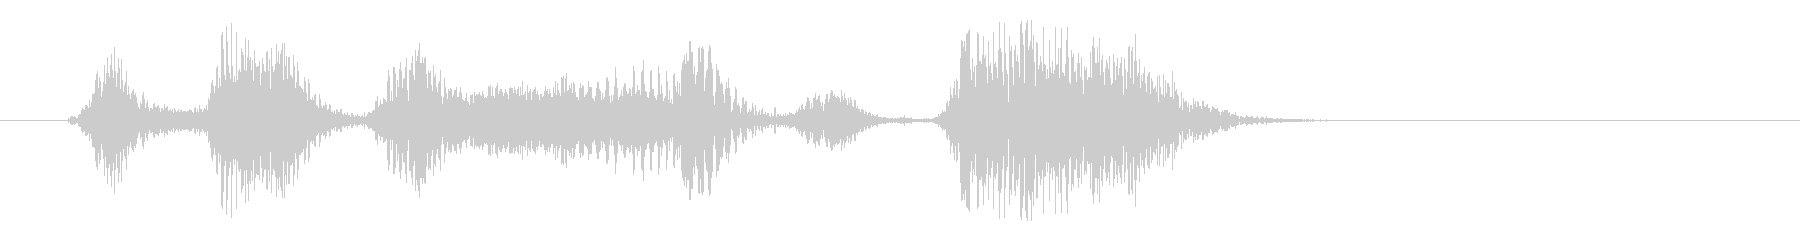 コンピューター、男性の声:ディフレ...の未再生の波形